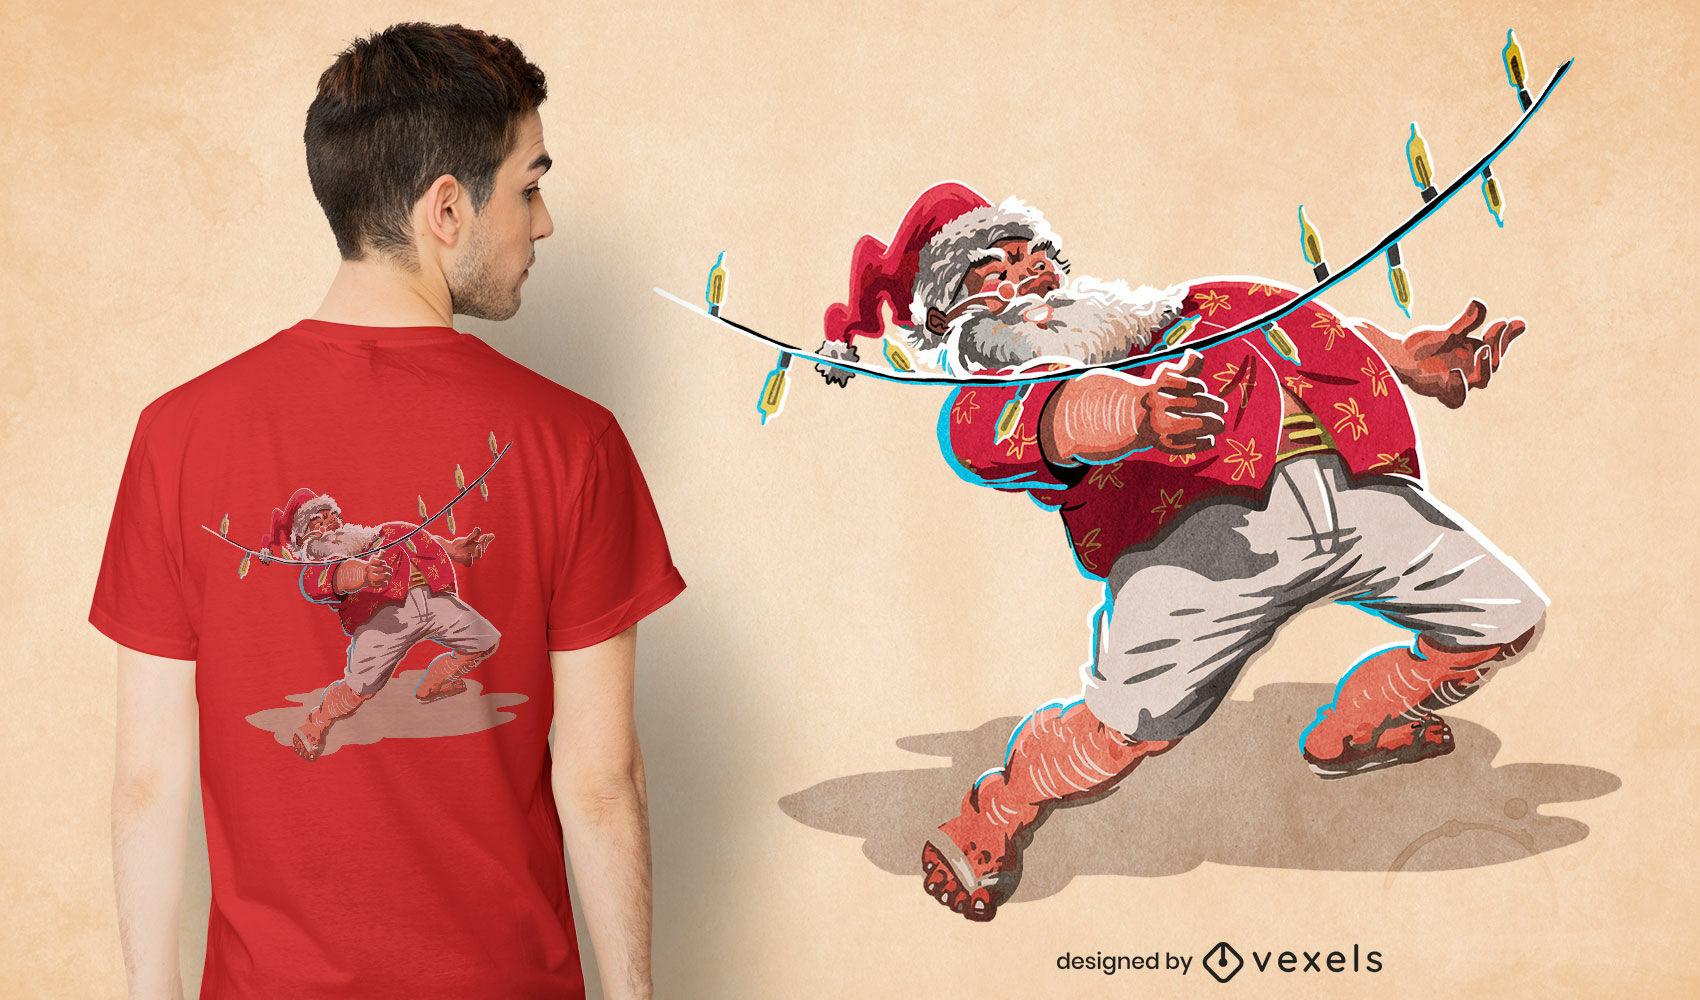 Weihnachtsmann-Weihnachtsfeiertags-T-Shirt-Design